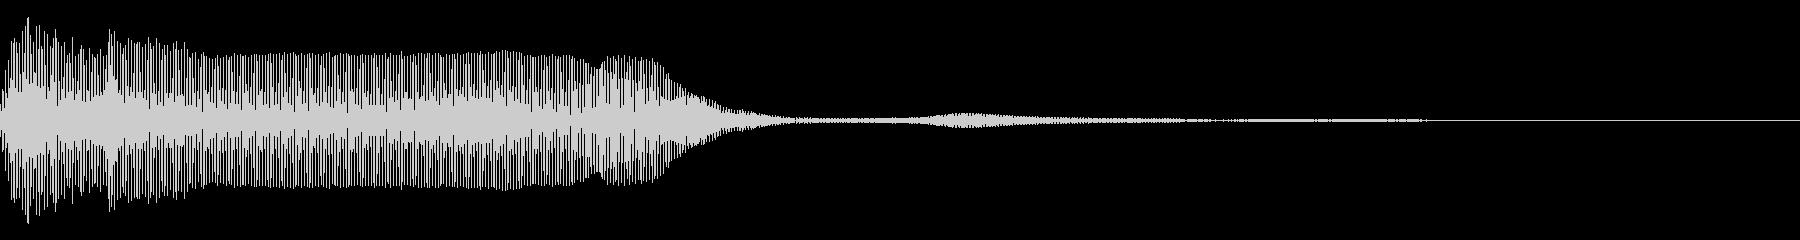 システム音08の未再生の波形